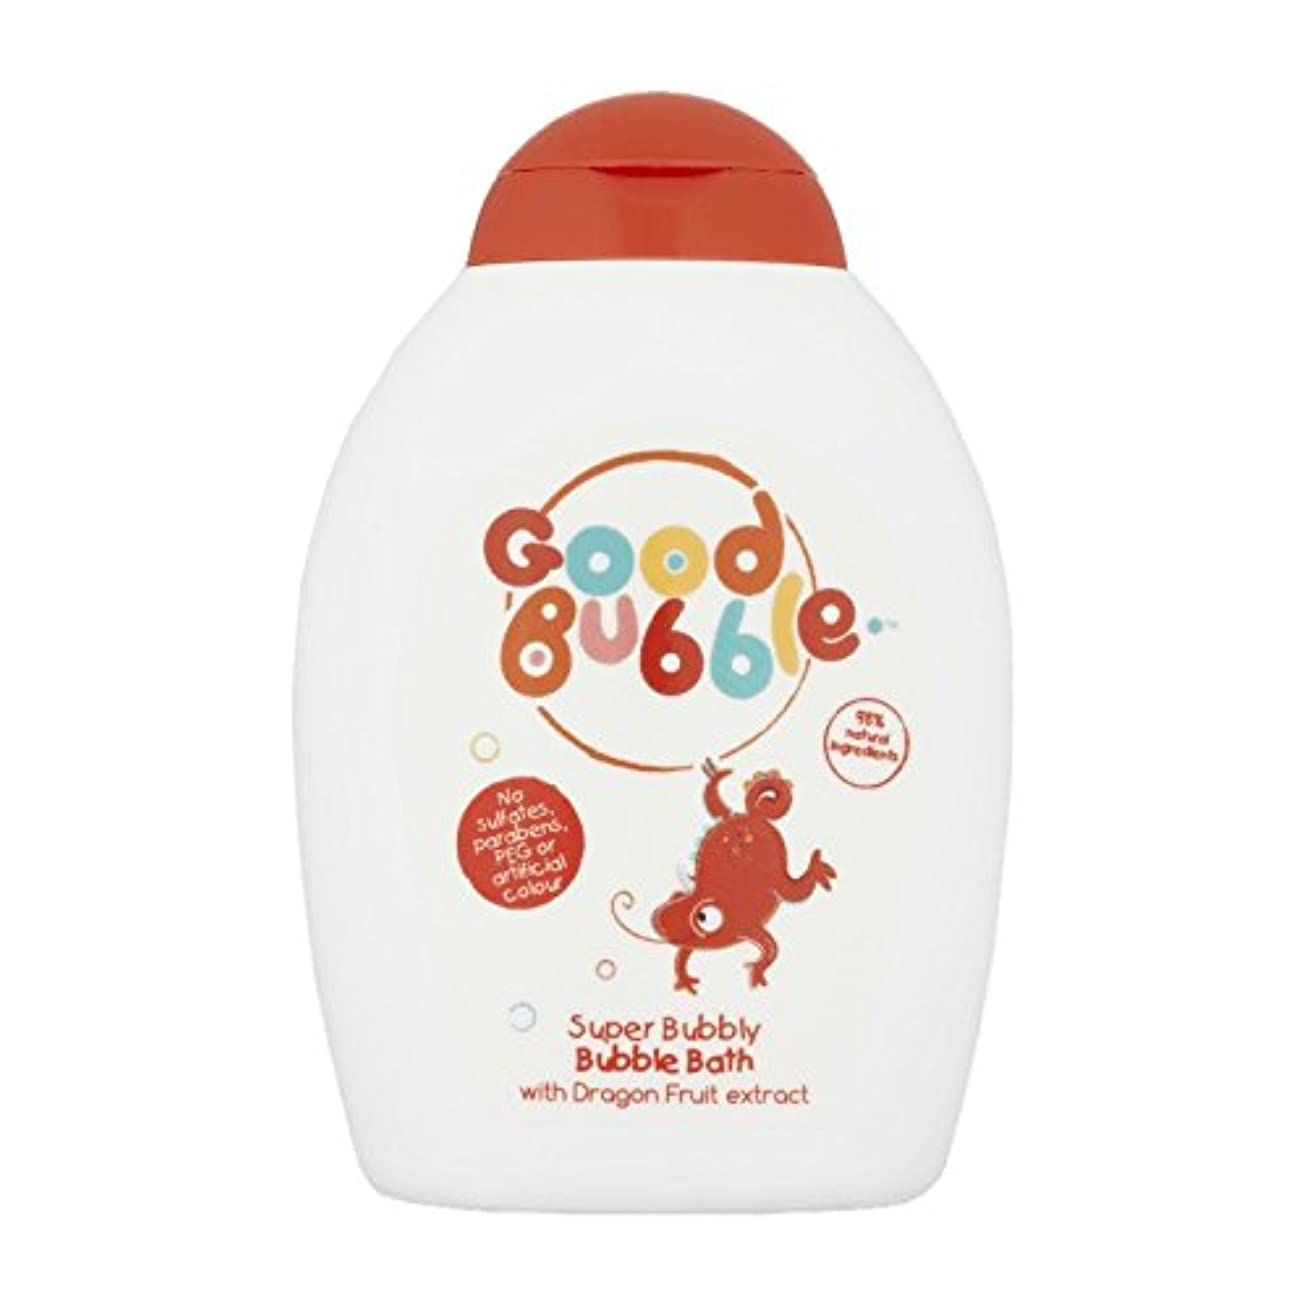 四分円コック例外良いバブルドラゴンフルーツバブルバス400ミリリットル - Good Bubble Dragon Fruit Bubble Bath 400ml (Good Bubble) [並行輸入品]